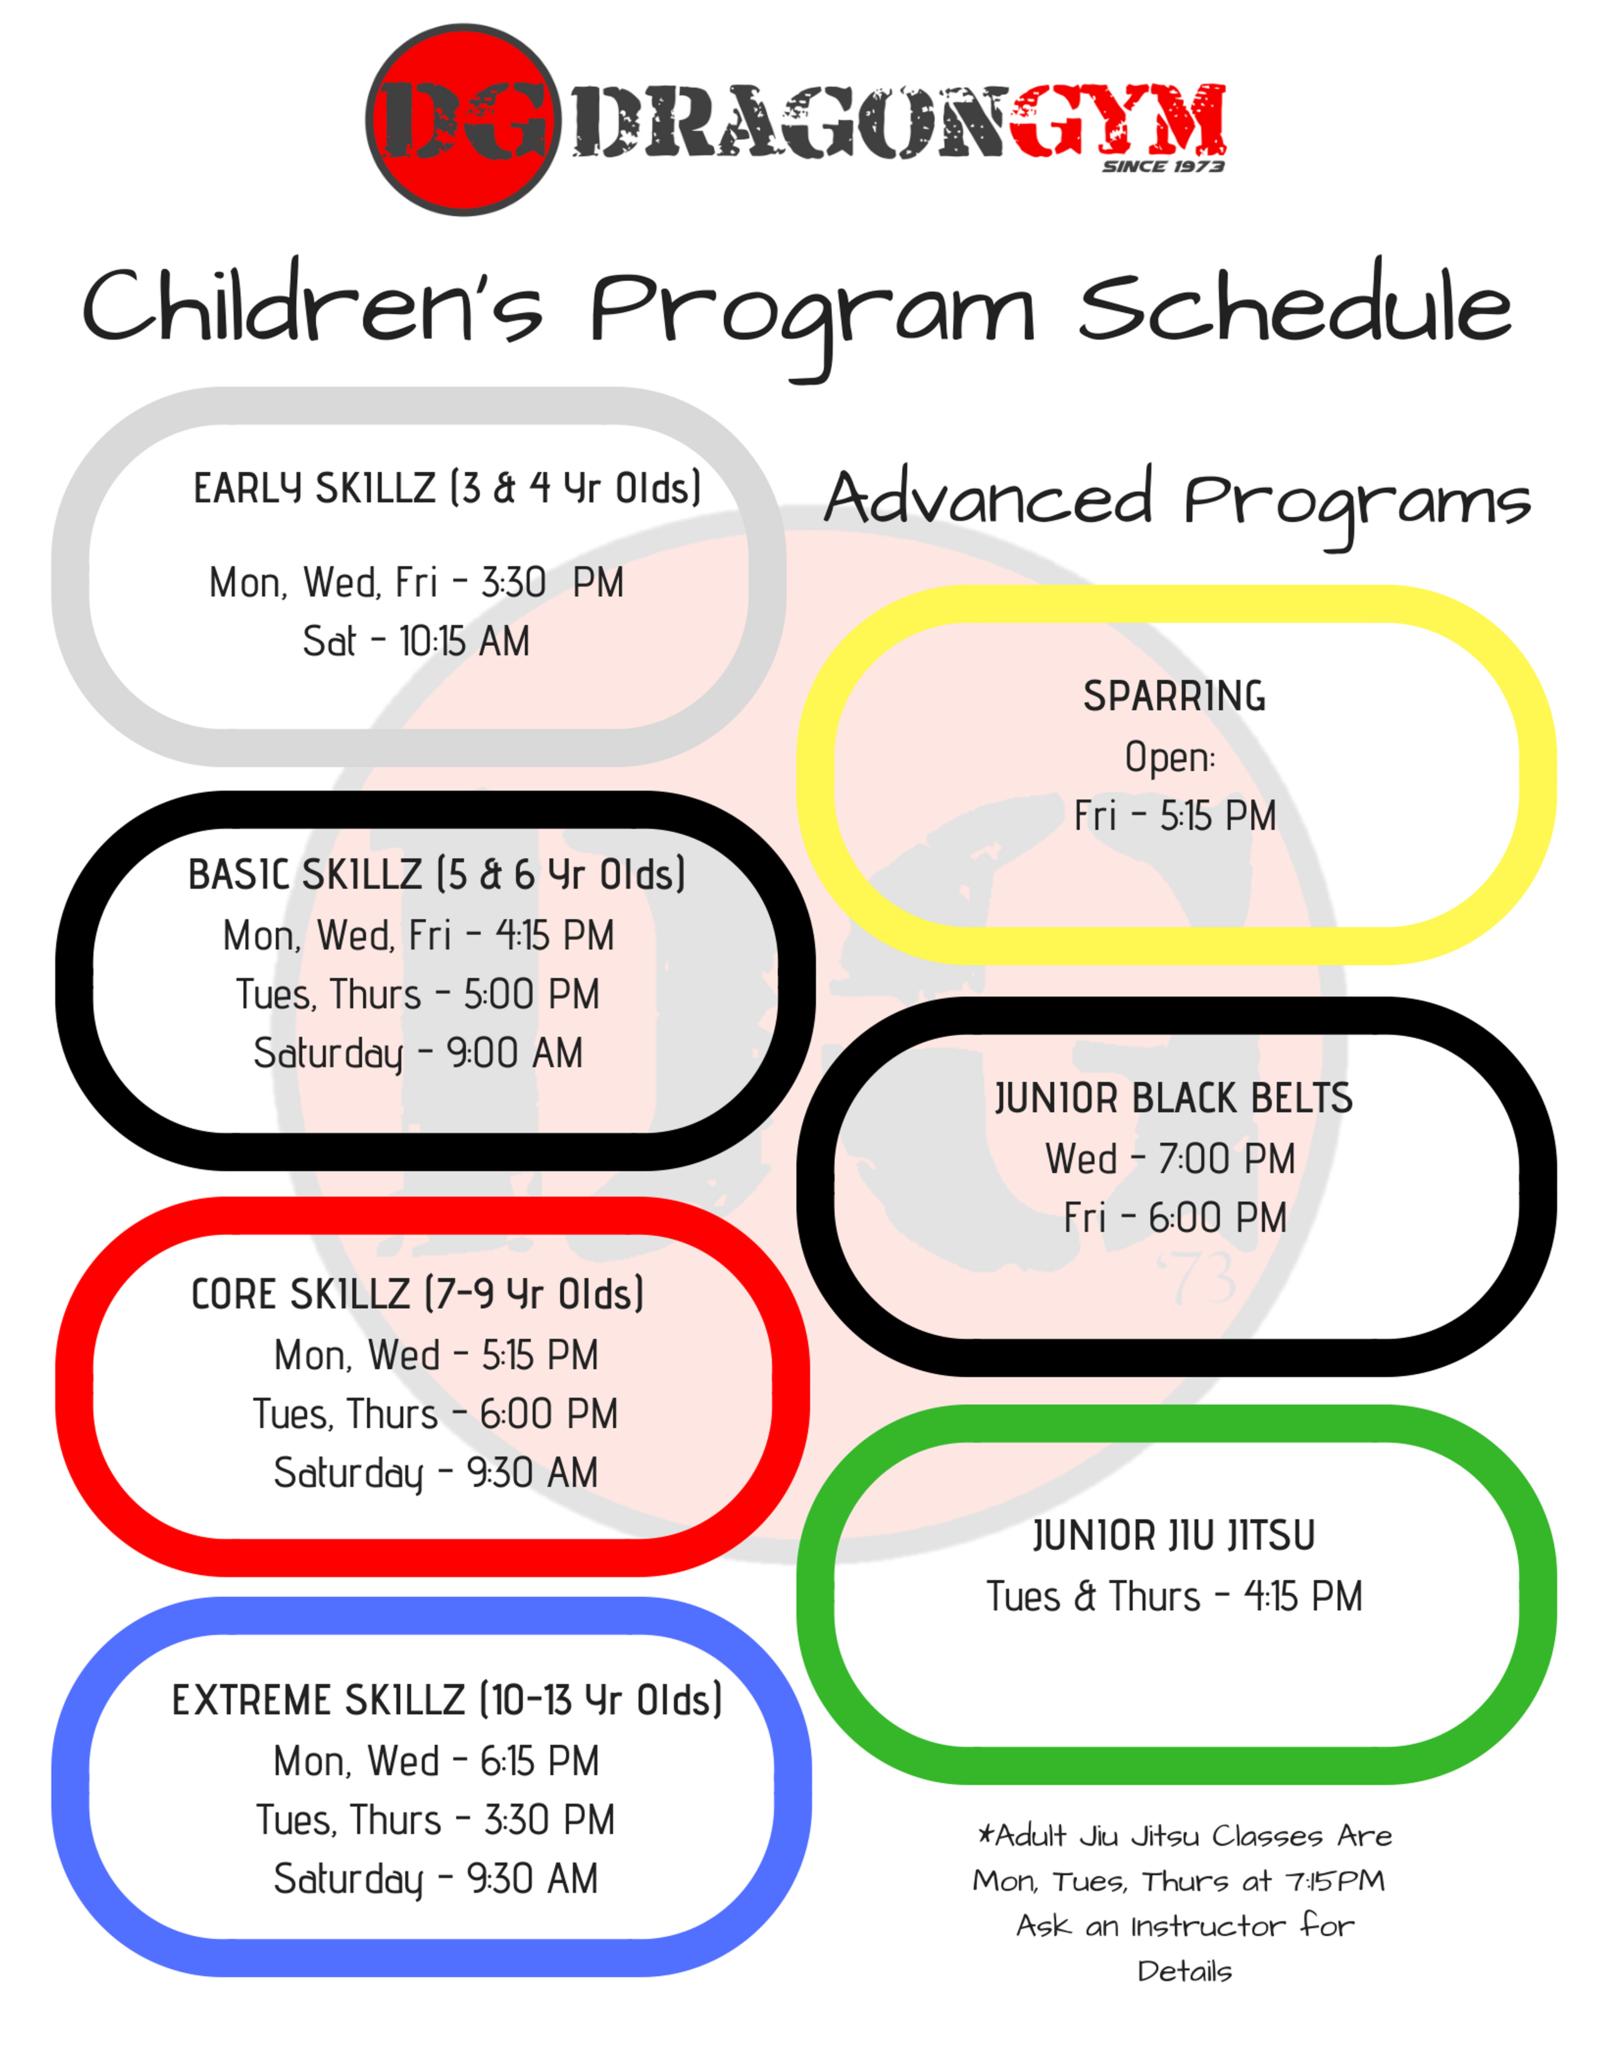 Kids Martial Arts Berwyn Pa, Children's Tae Kwon Do Class Schedule